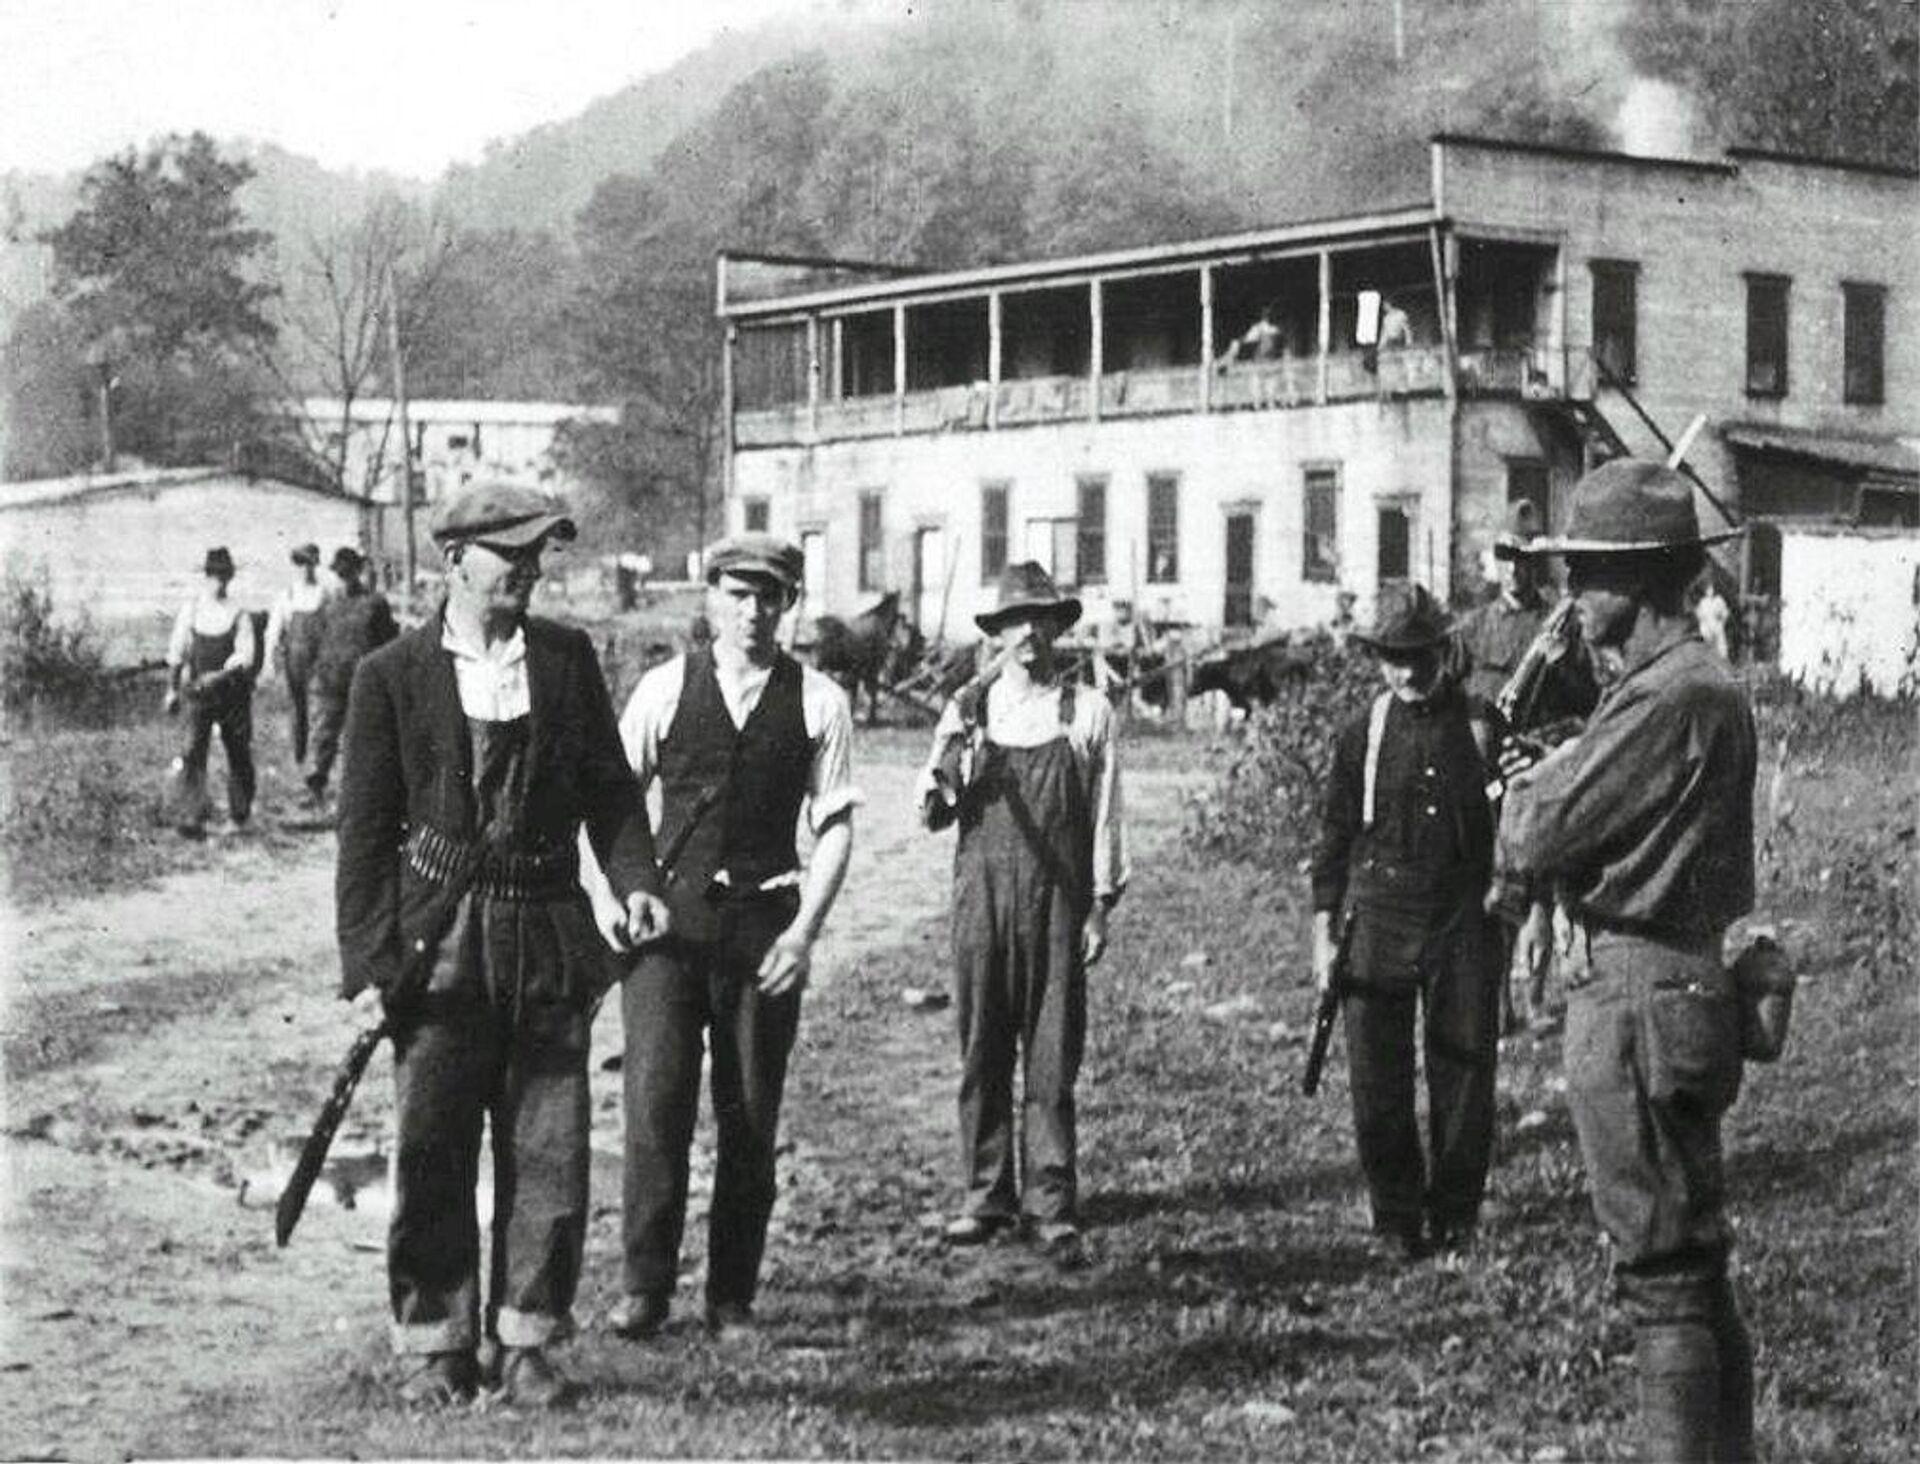 Mineros rebeldes de Virginia Occidental se rinden al Ejército de EEUU - Sputnik Mundo, 1920, 02.09.2021